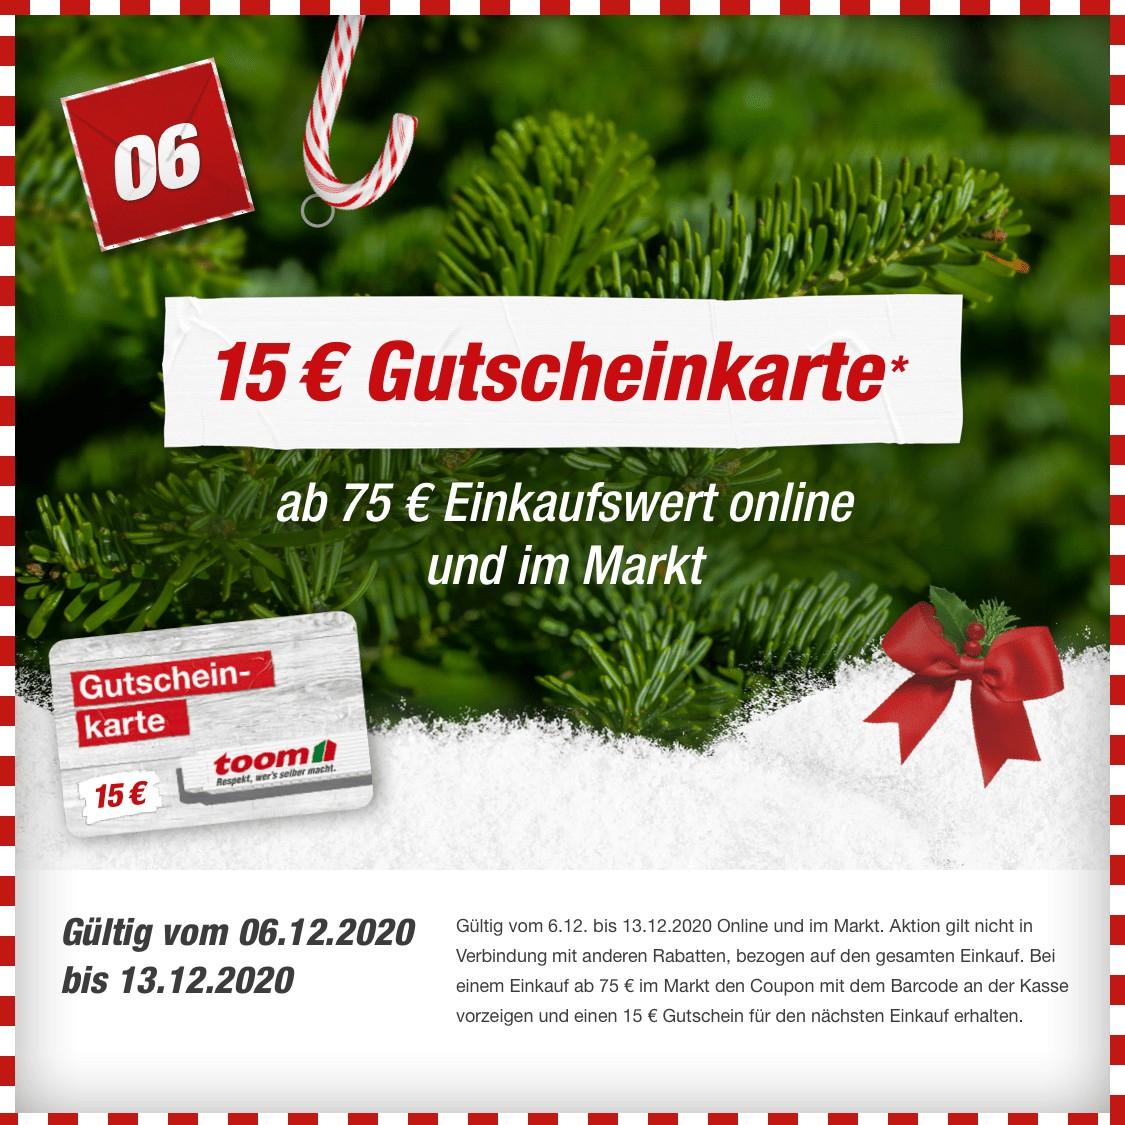 [toom online und im Markt] 15€ Gutscheinkarte geschenkt ab 75€ Einkauf // ab 19.12.: 10€ Rabatt ab 60€ MBW im Markt